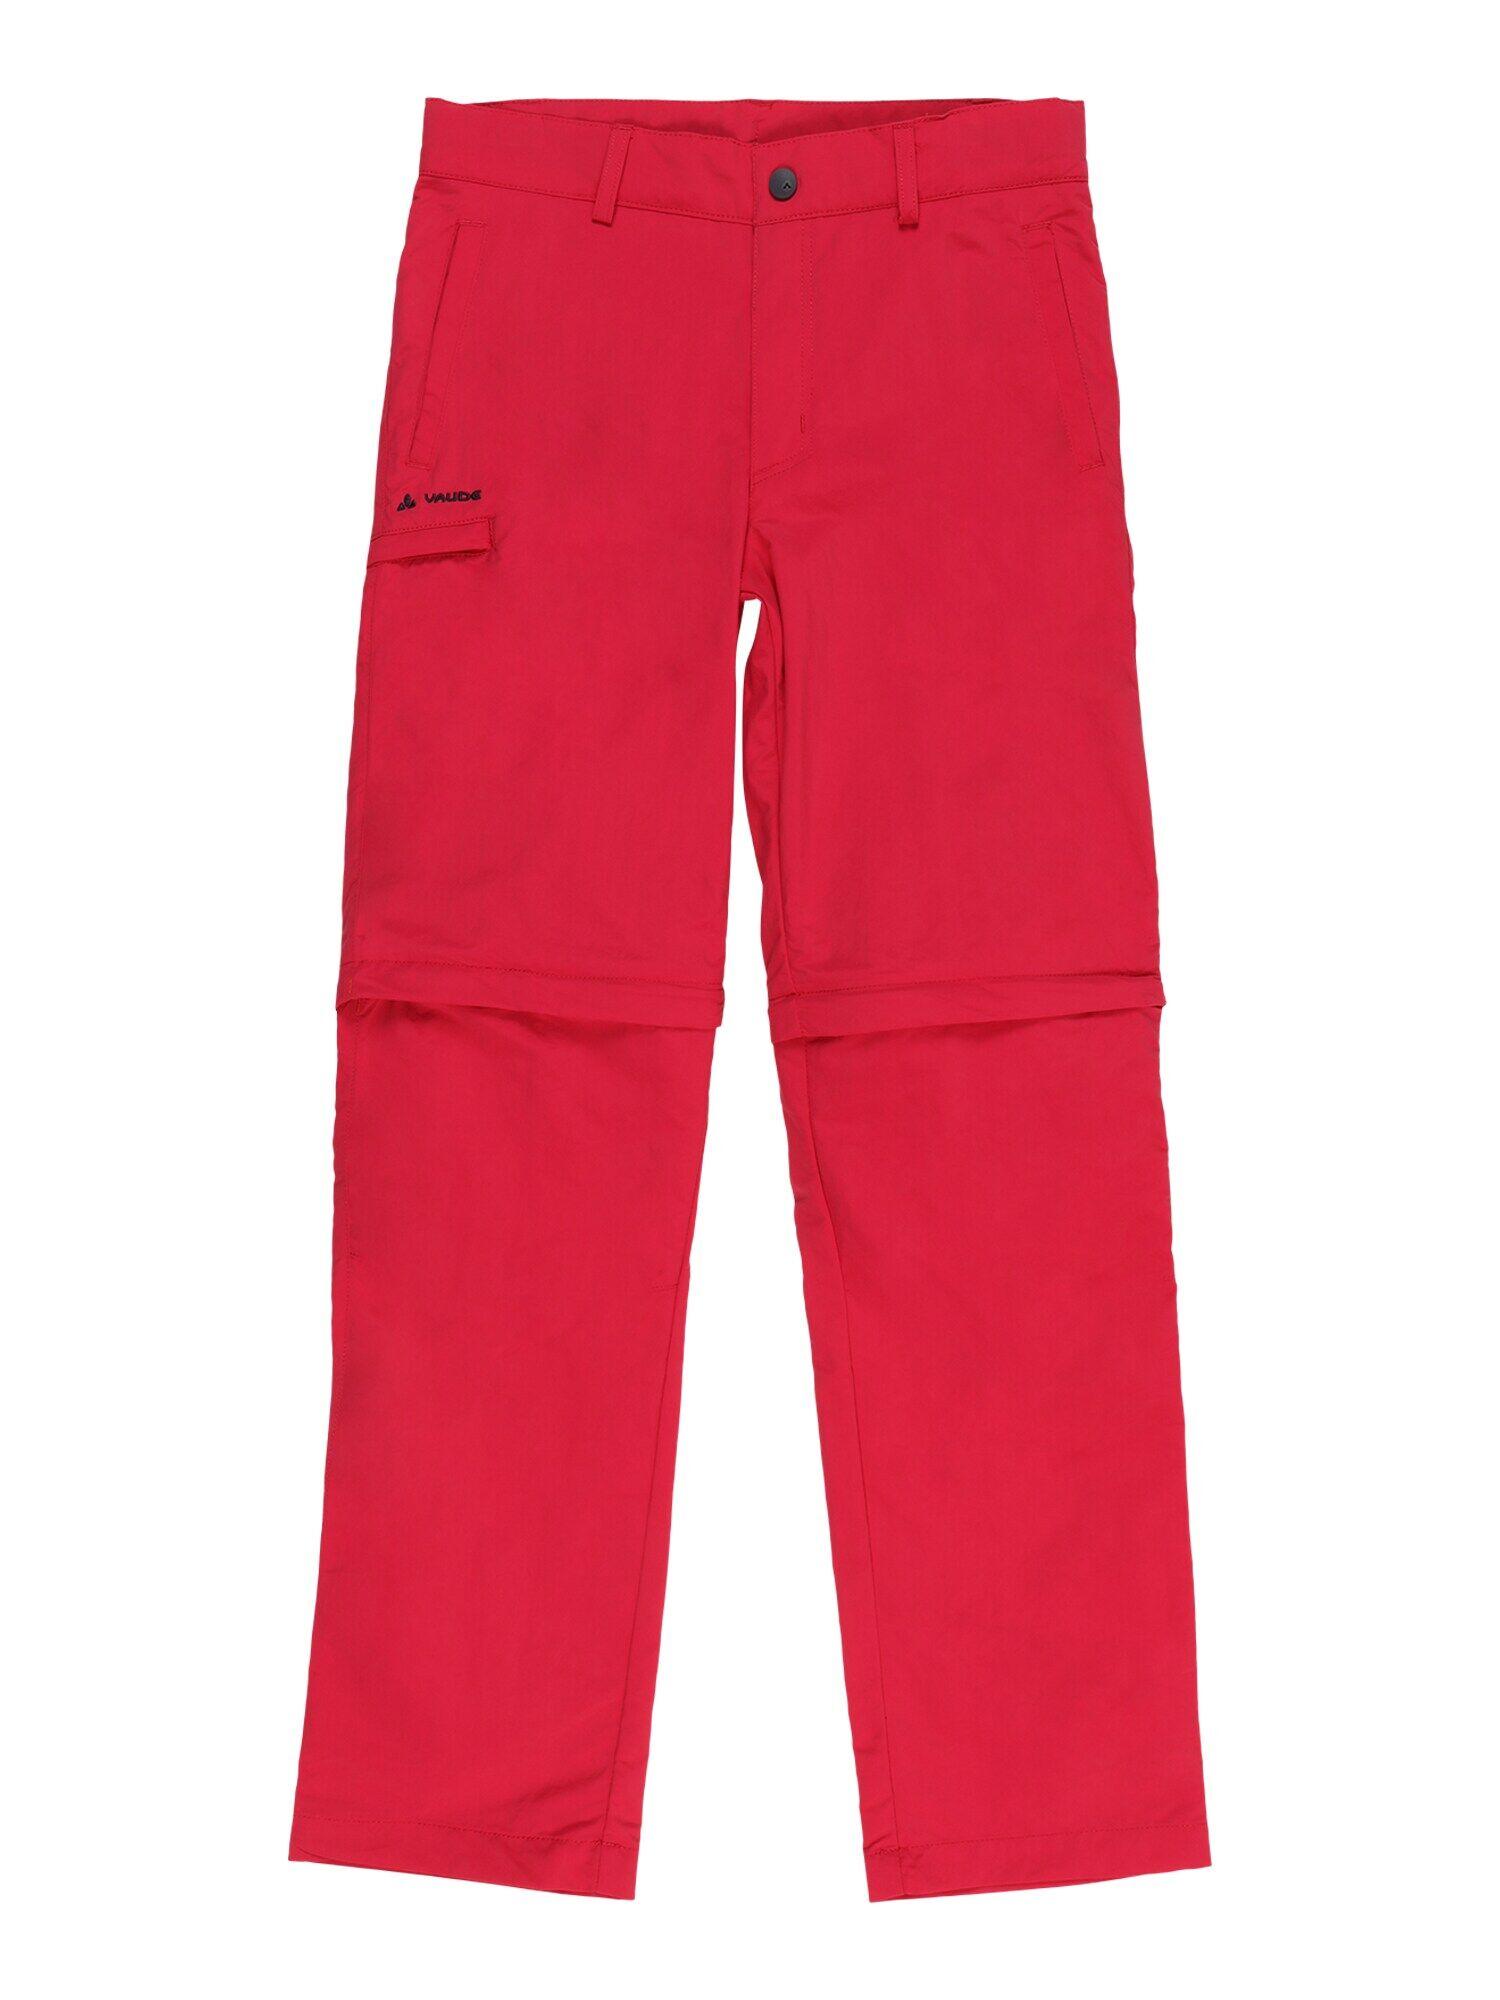 VAUDE Pantalon d'extérieur 'Detective'  - Rouge - Taille: 98 - boy